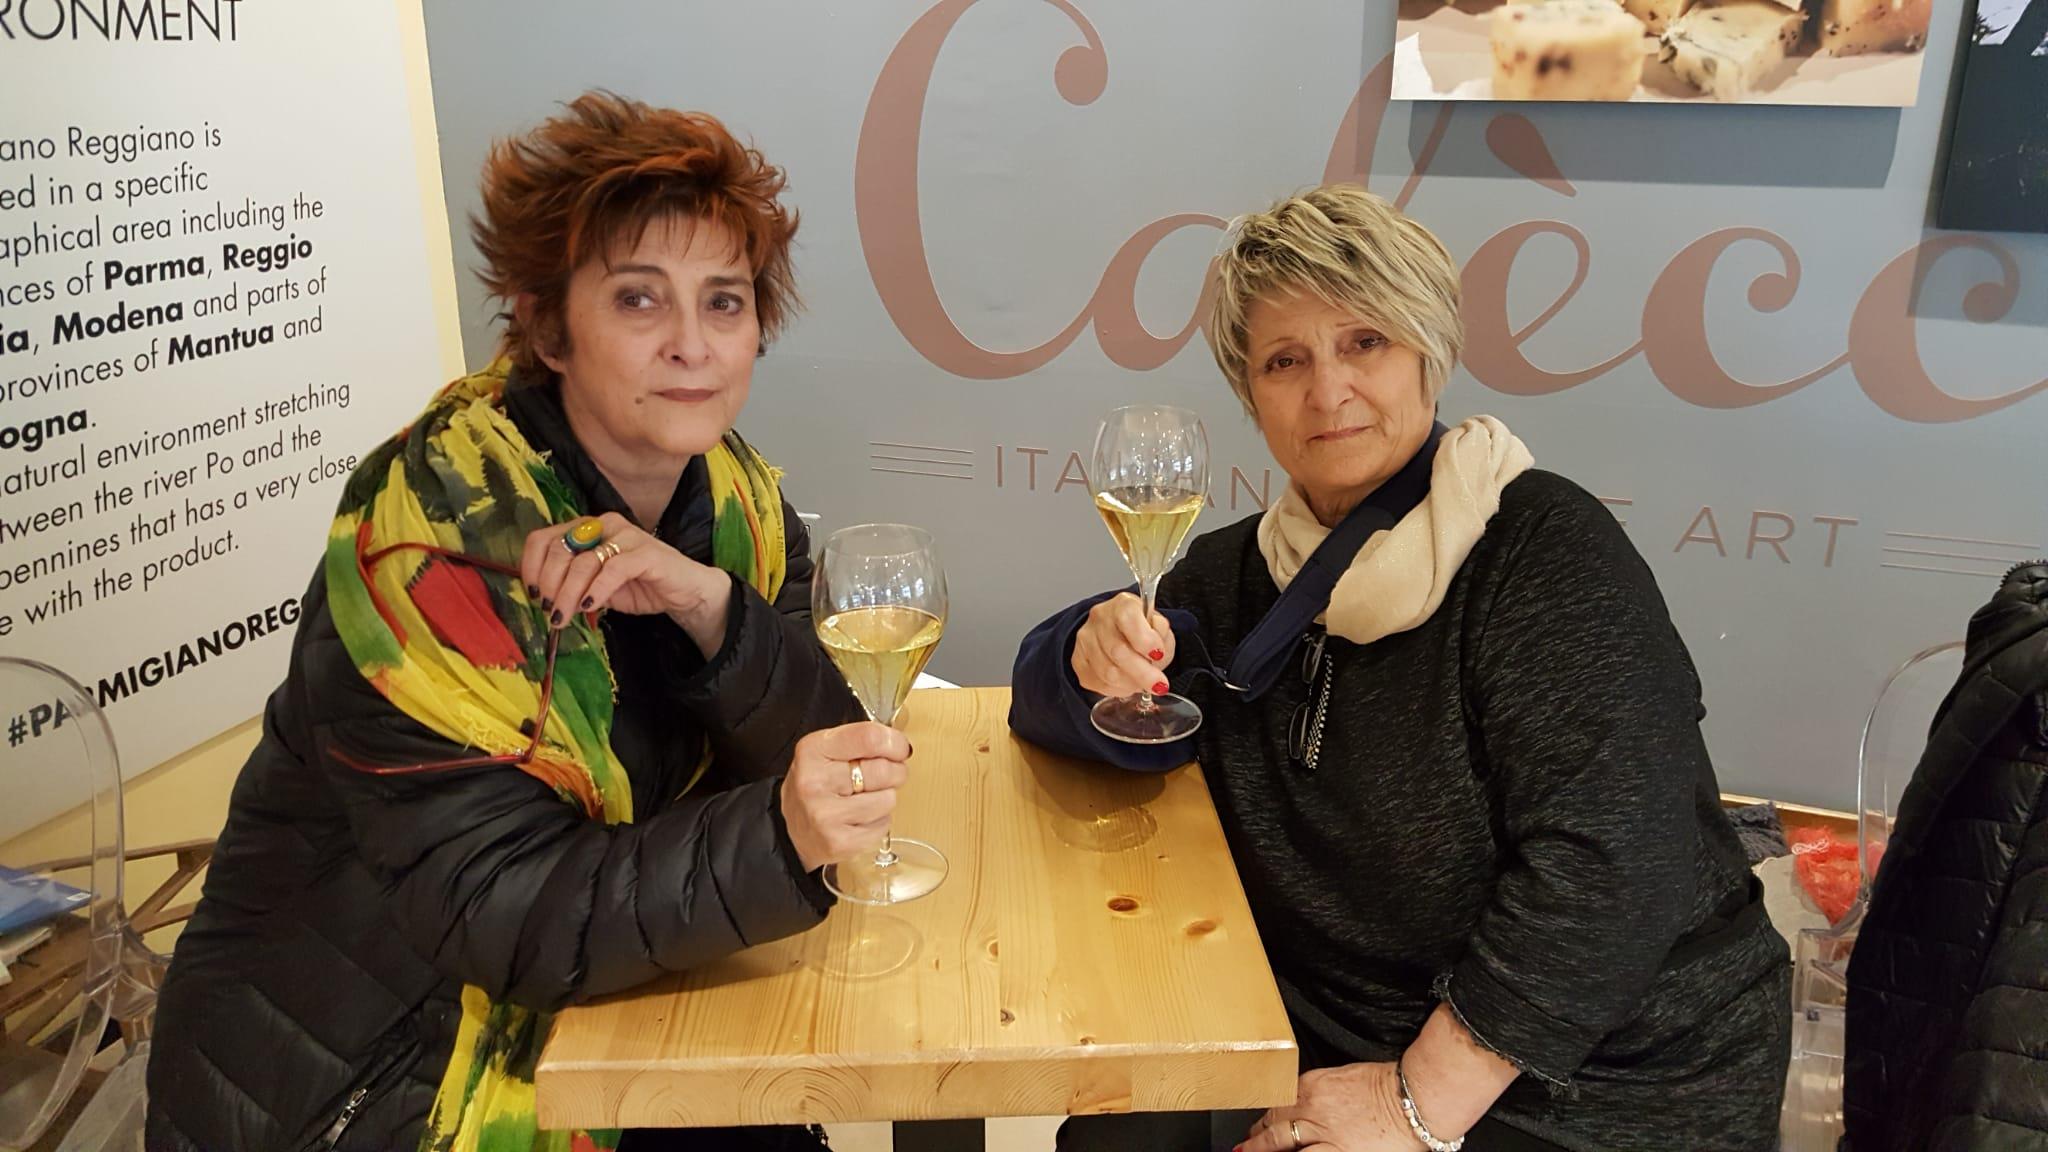 Verdiana e Valeria Gordini